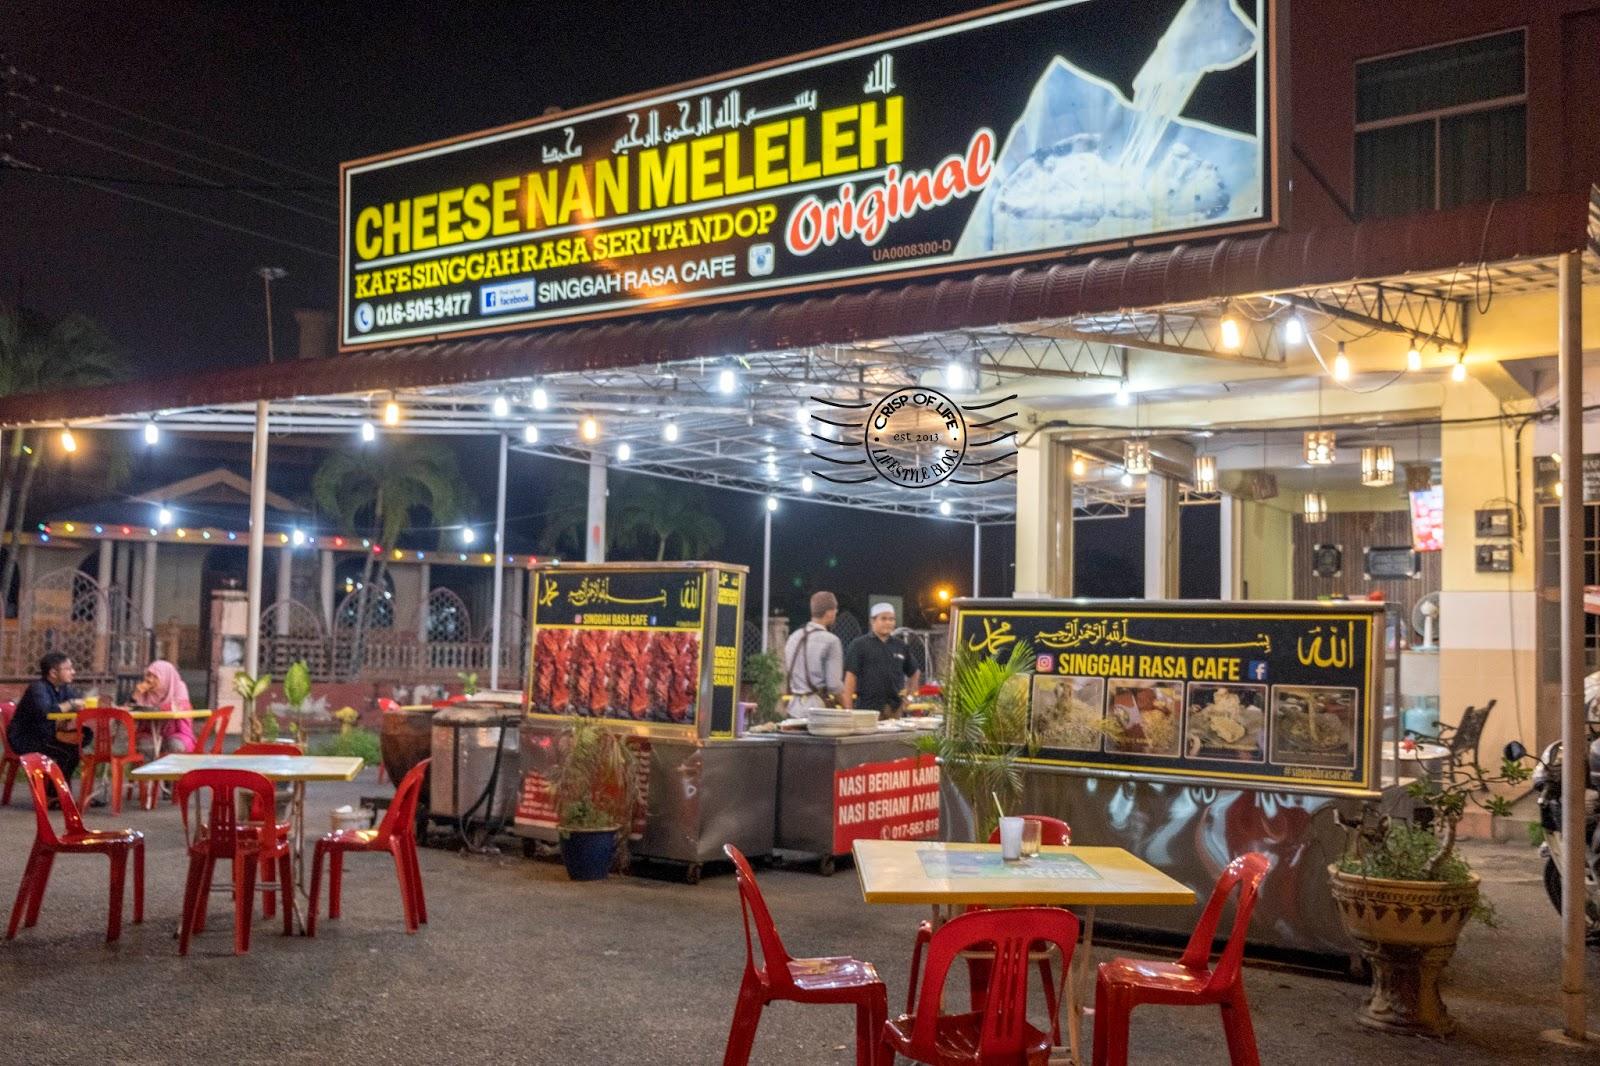 Cheesenan Meleleh @ Kafe Singgah Rasa Seri Tandop, Alor Setar, Kedah